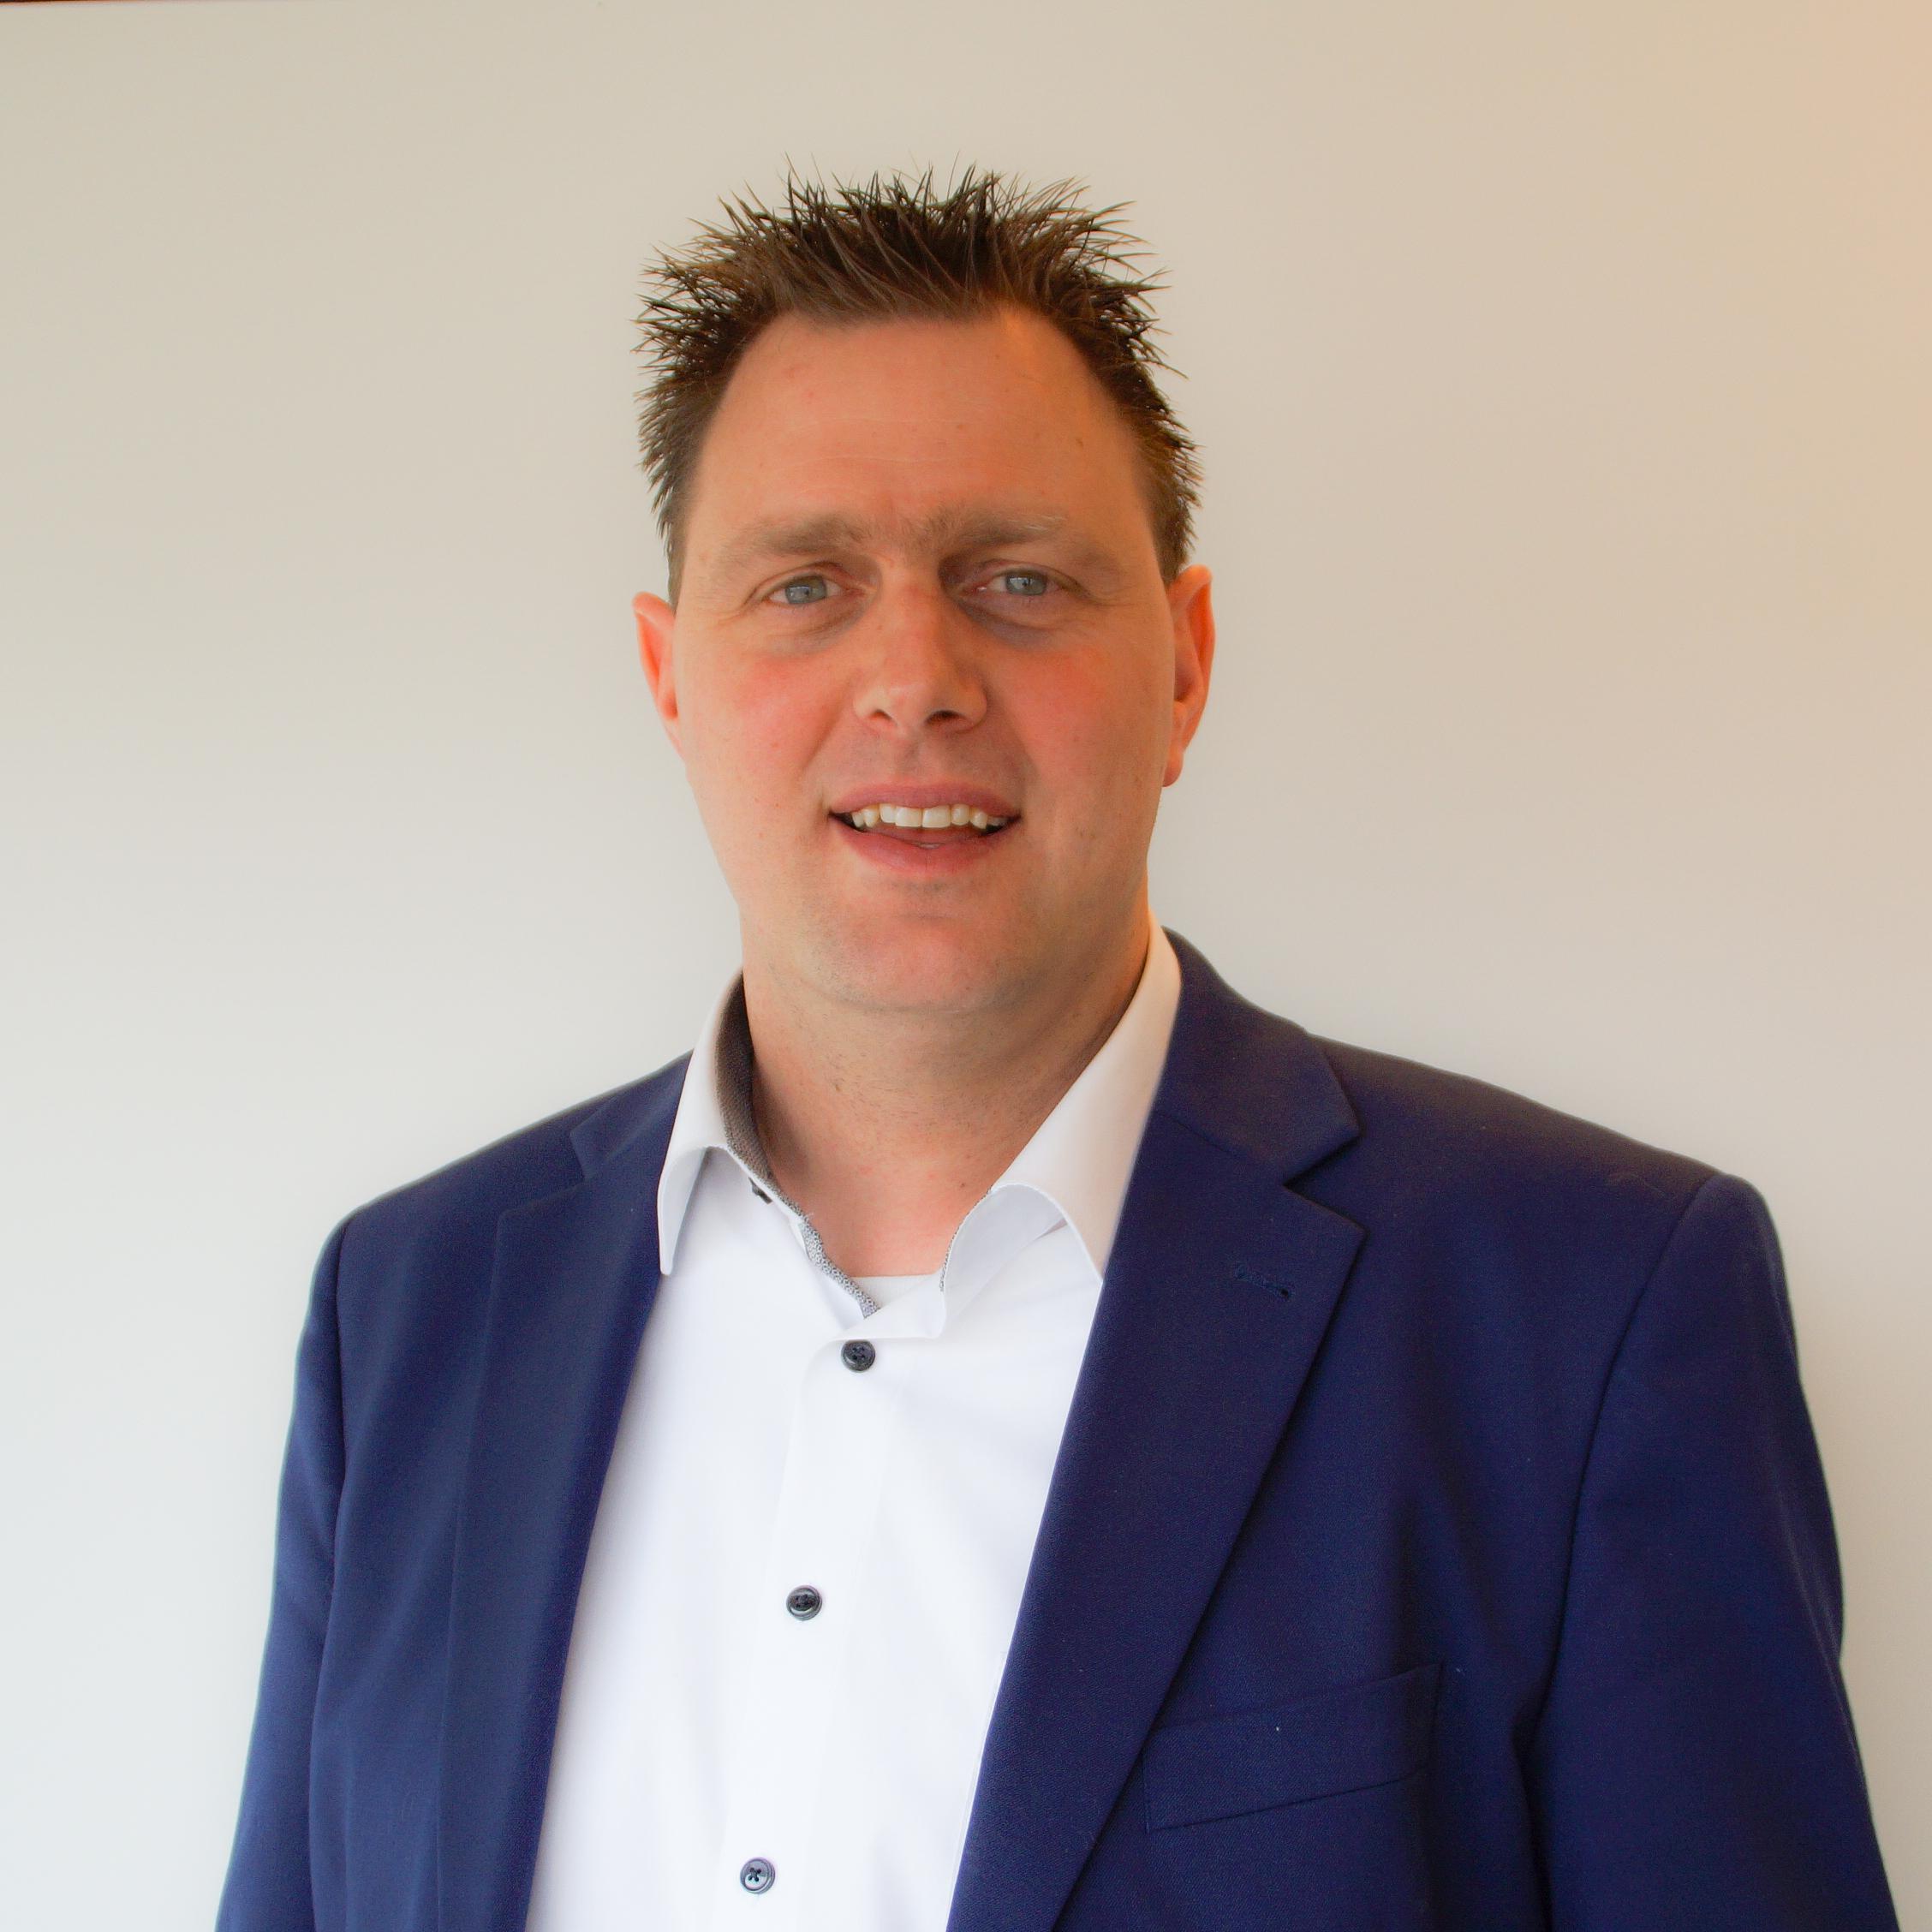 Lex van den Berg